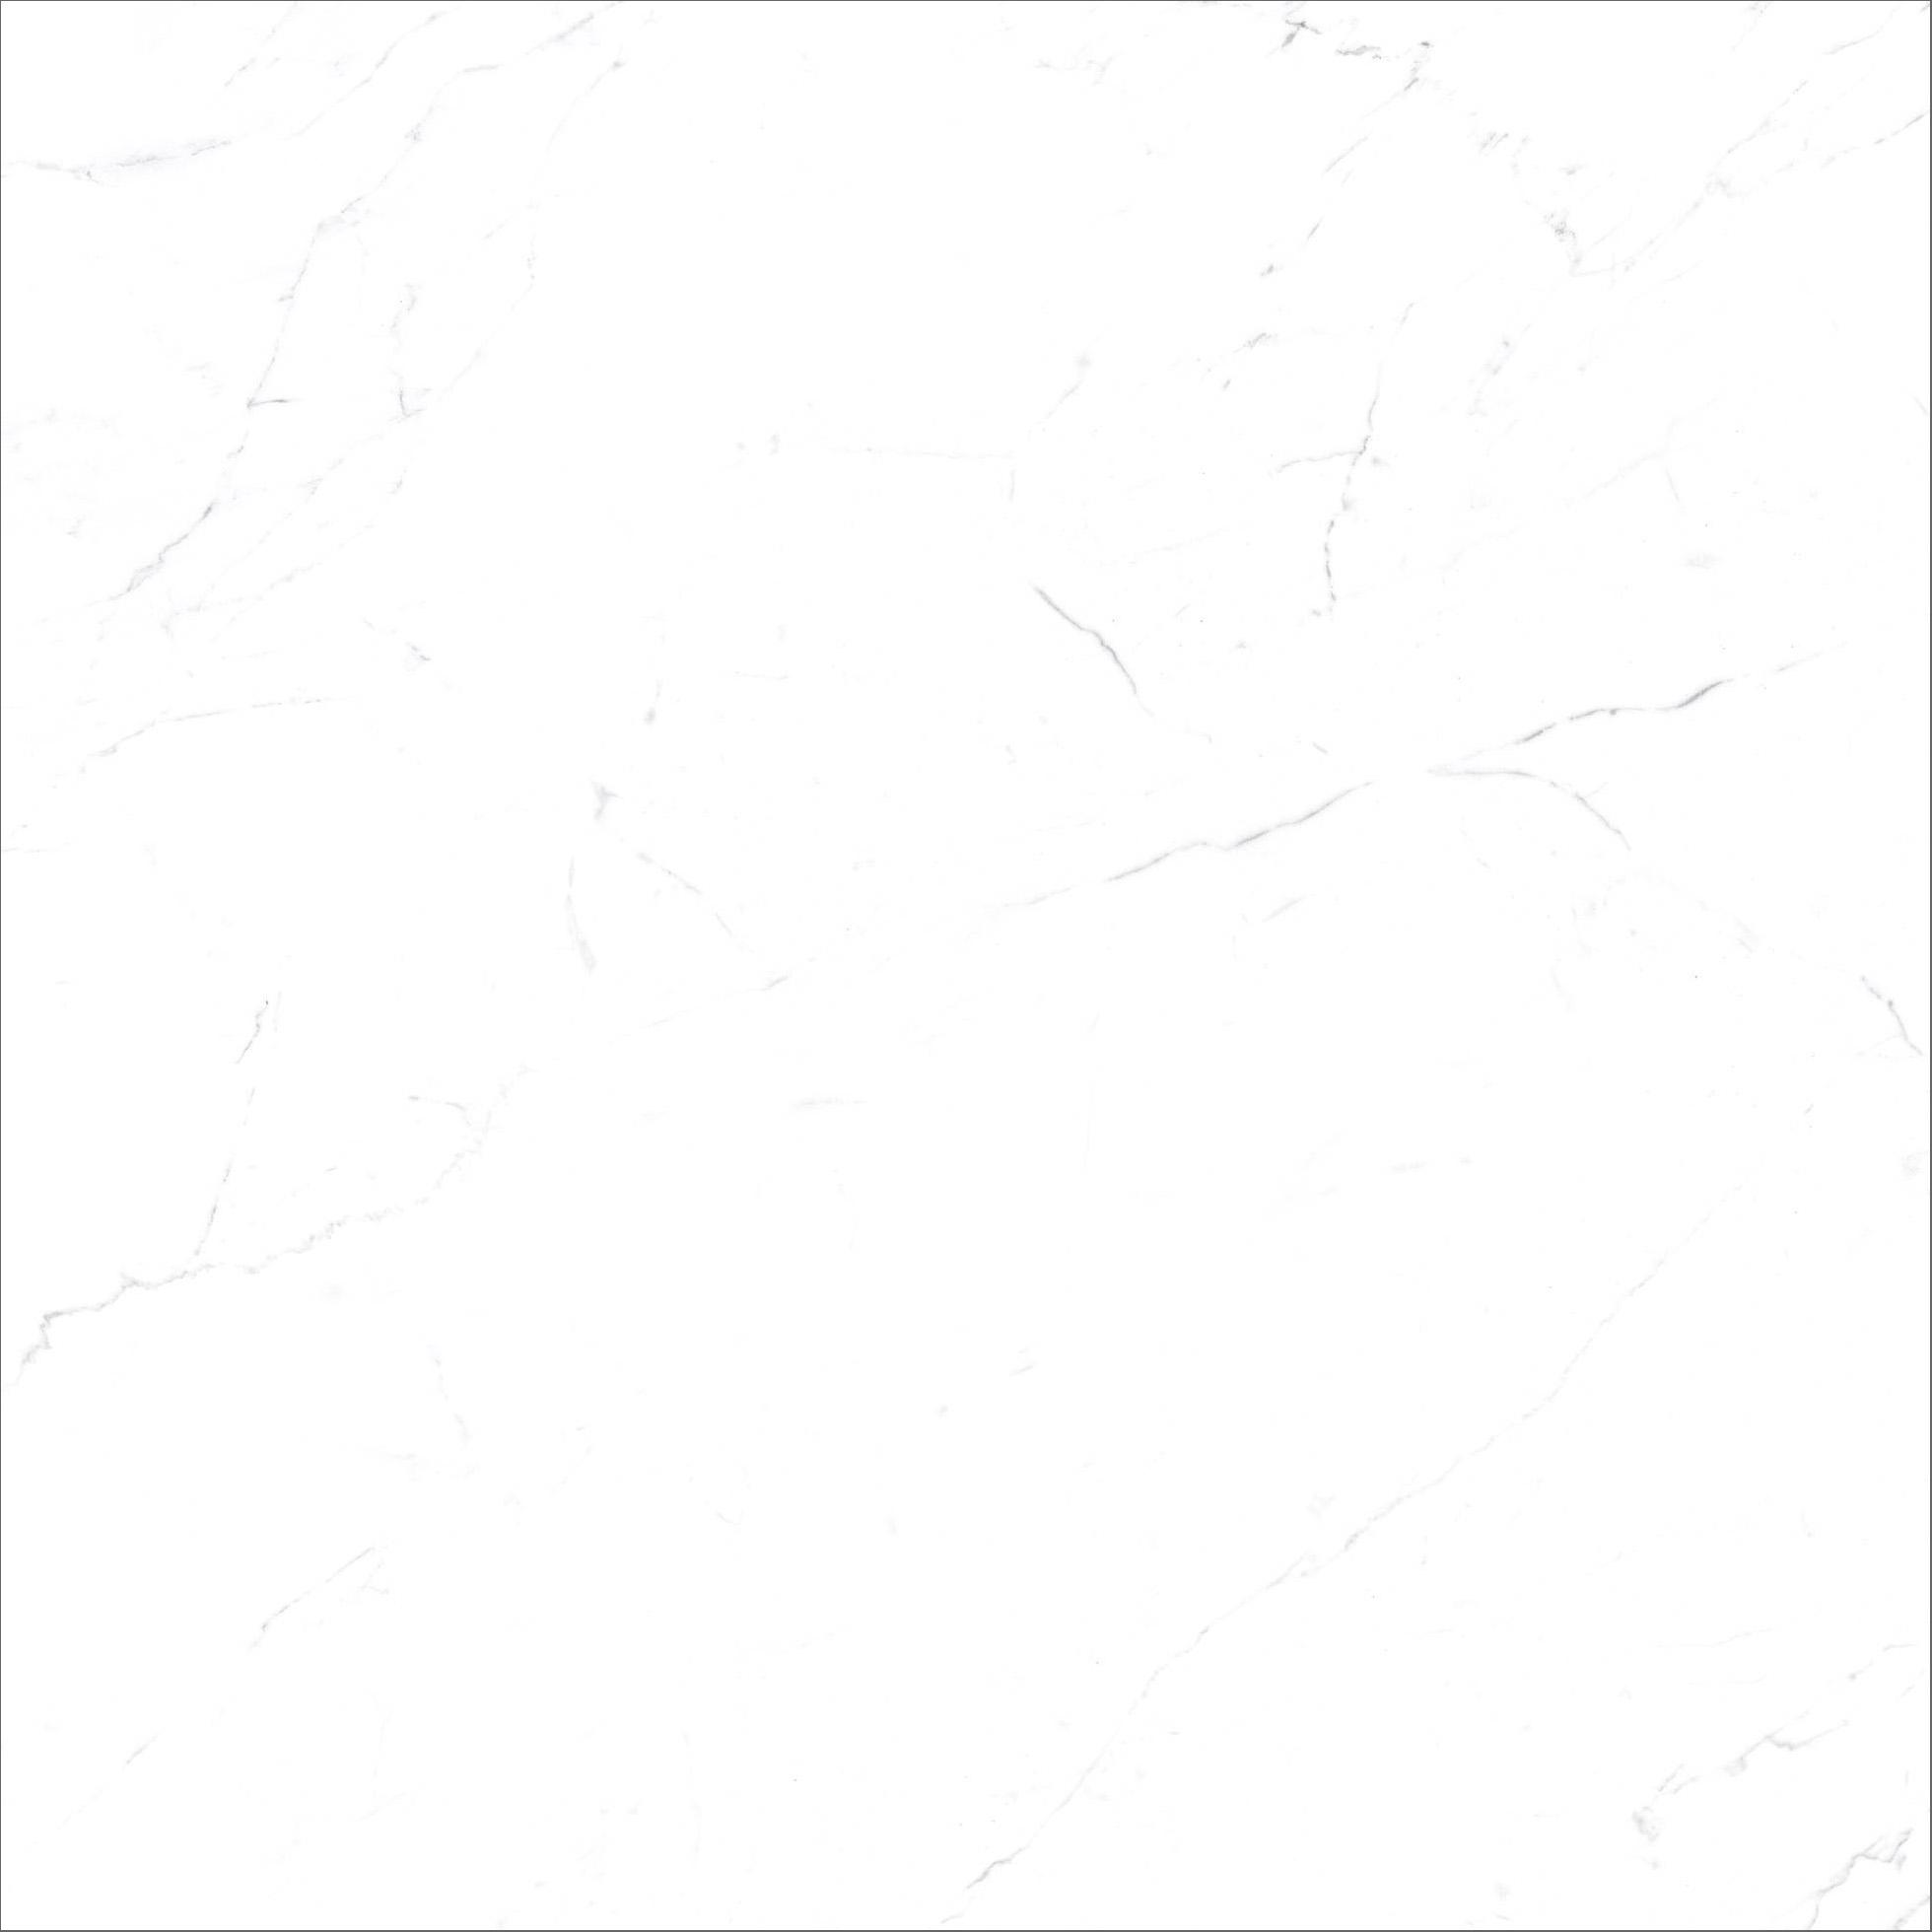 0097497, Archimarble, Valkoinen, lattia,pakkasenkesto